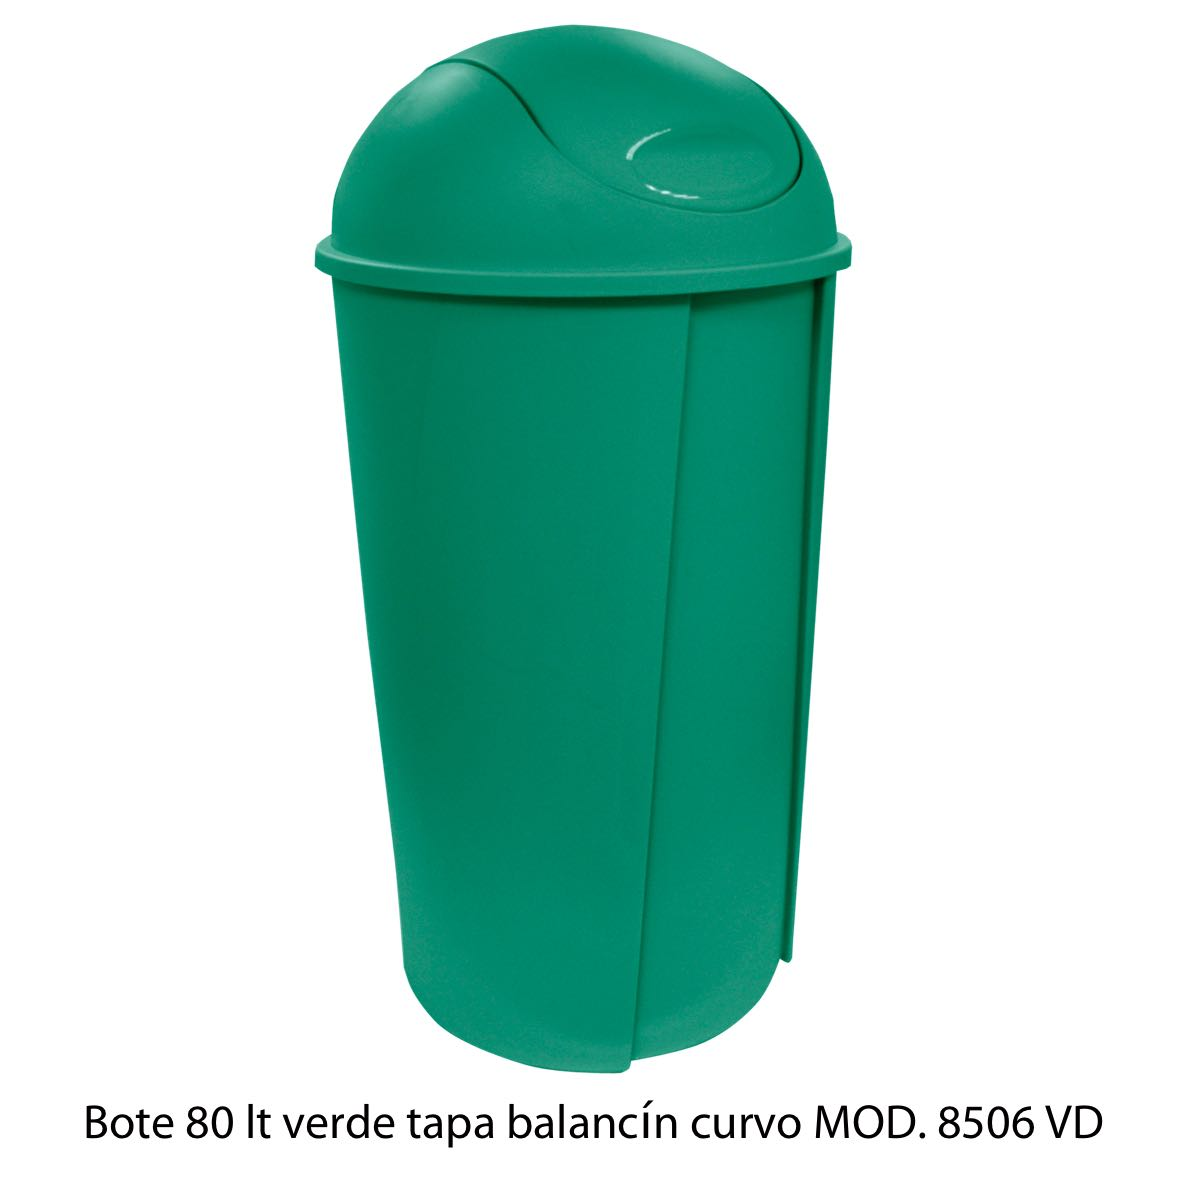 Bote de bausra de 80 litros con tapa balancín curvo color verde modelo 8506 VD Sablón